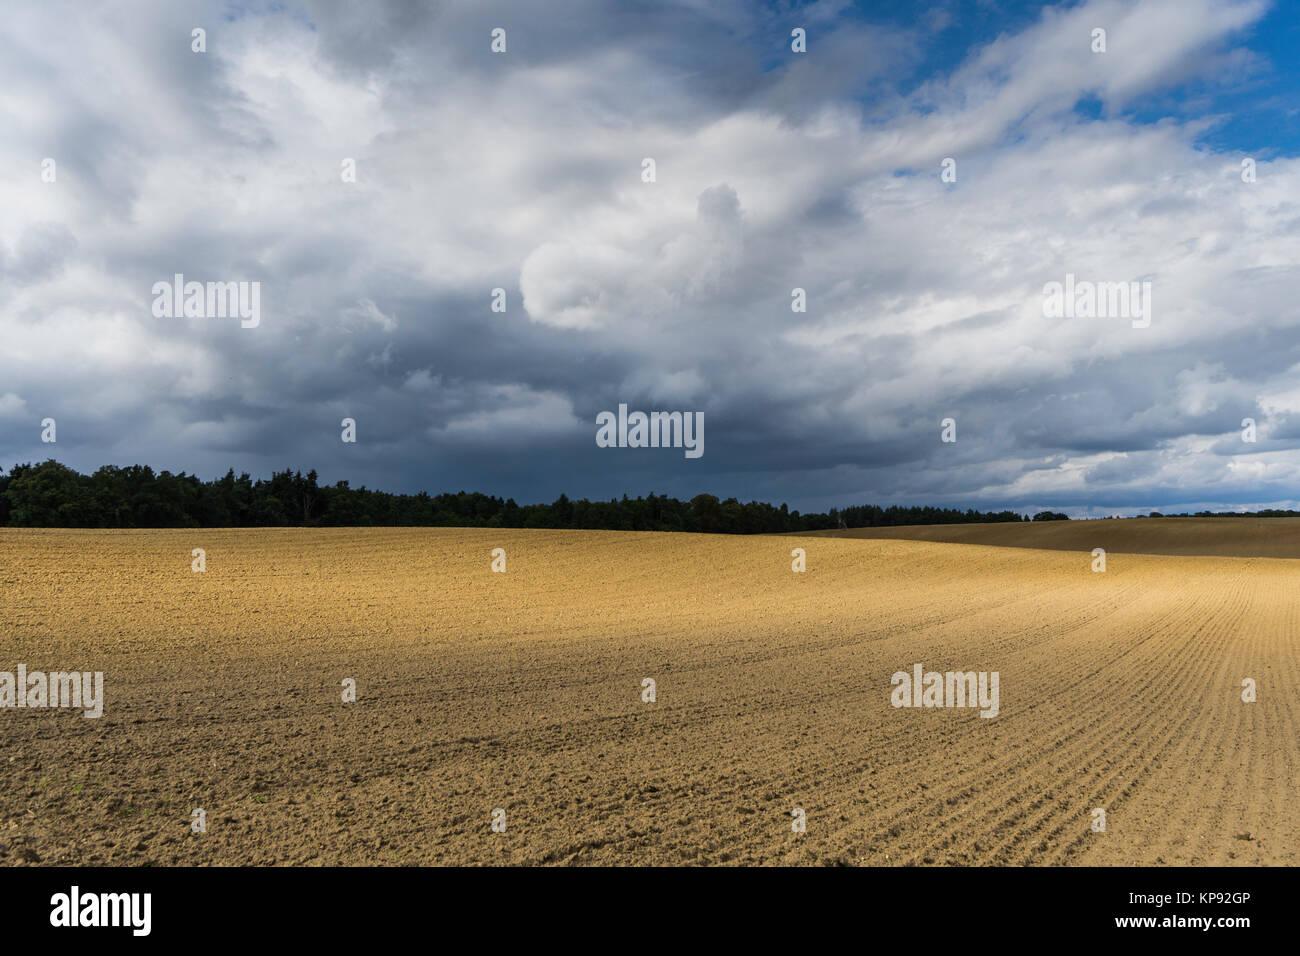 Bottes de paille dans un champ dans le chaud soleil avec des nuages sombres,dessin Banque D'Images